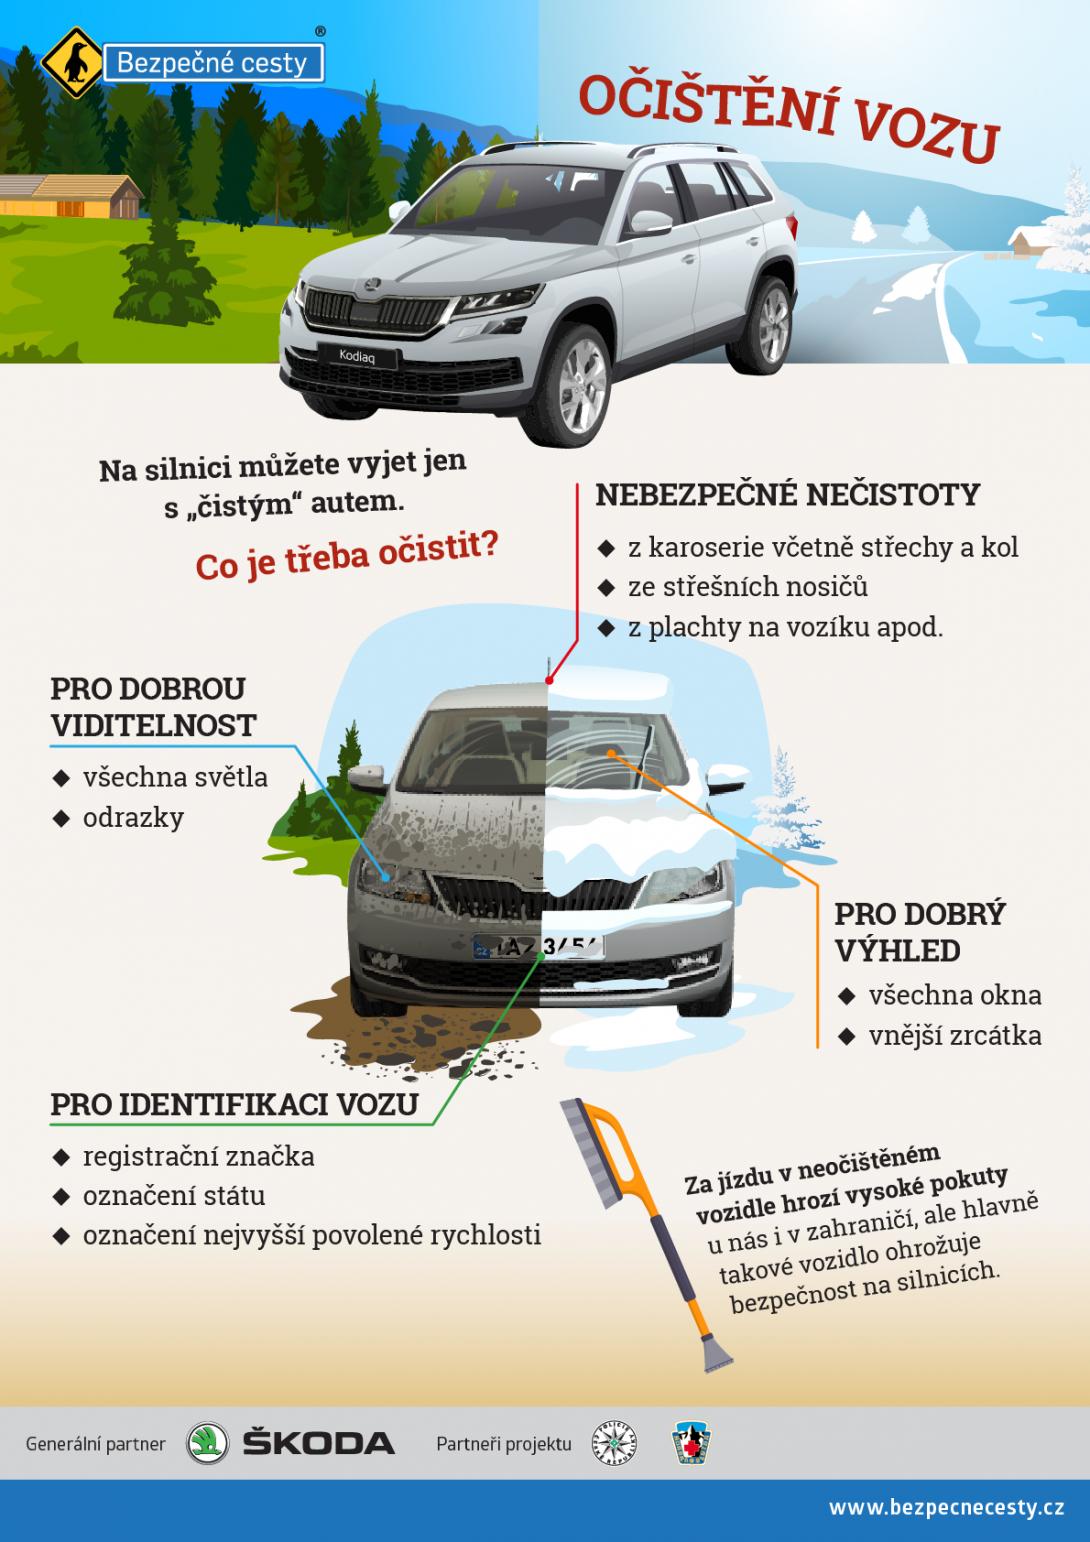 Očištění vozu před jízdou - infografika